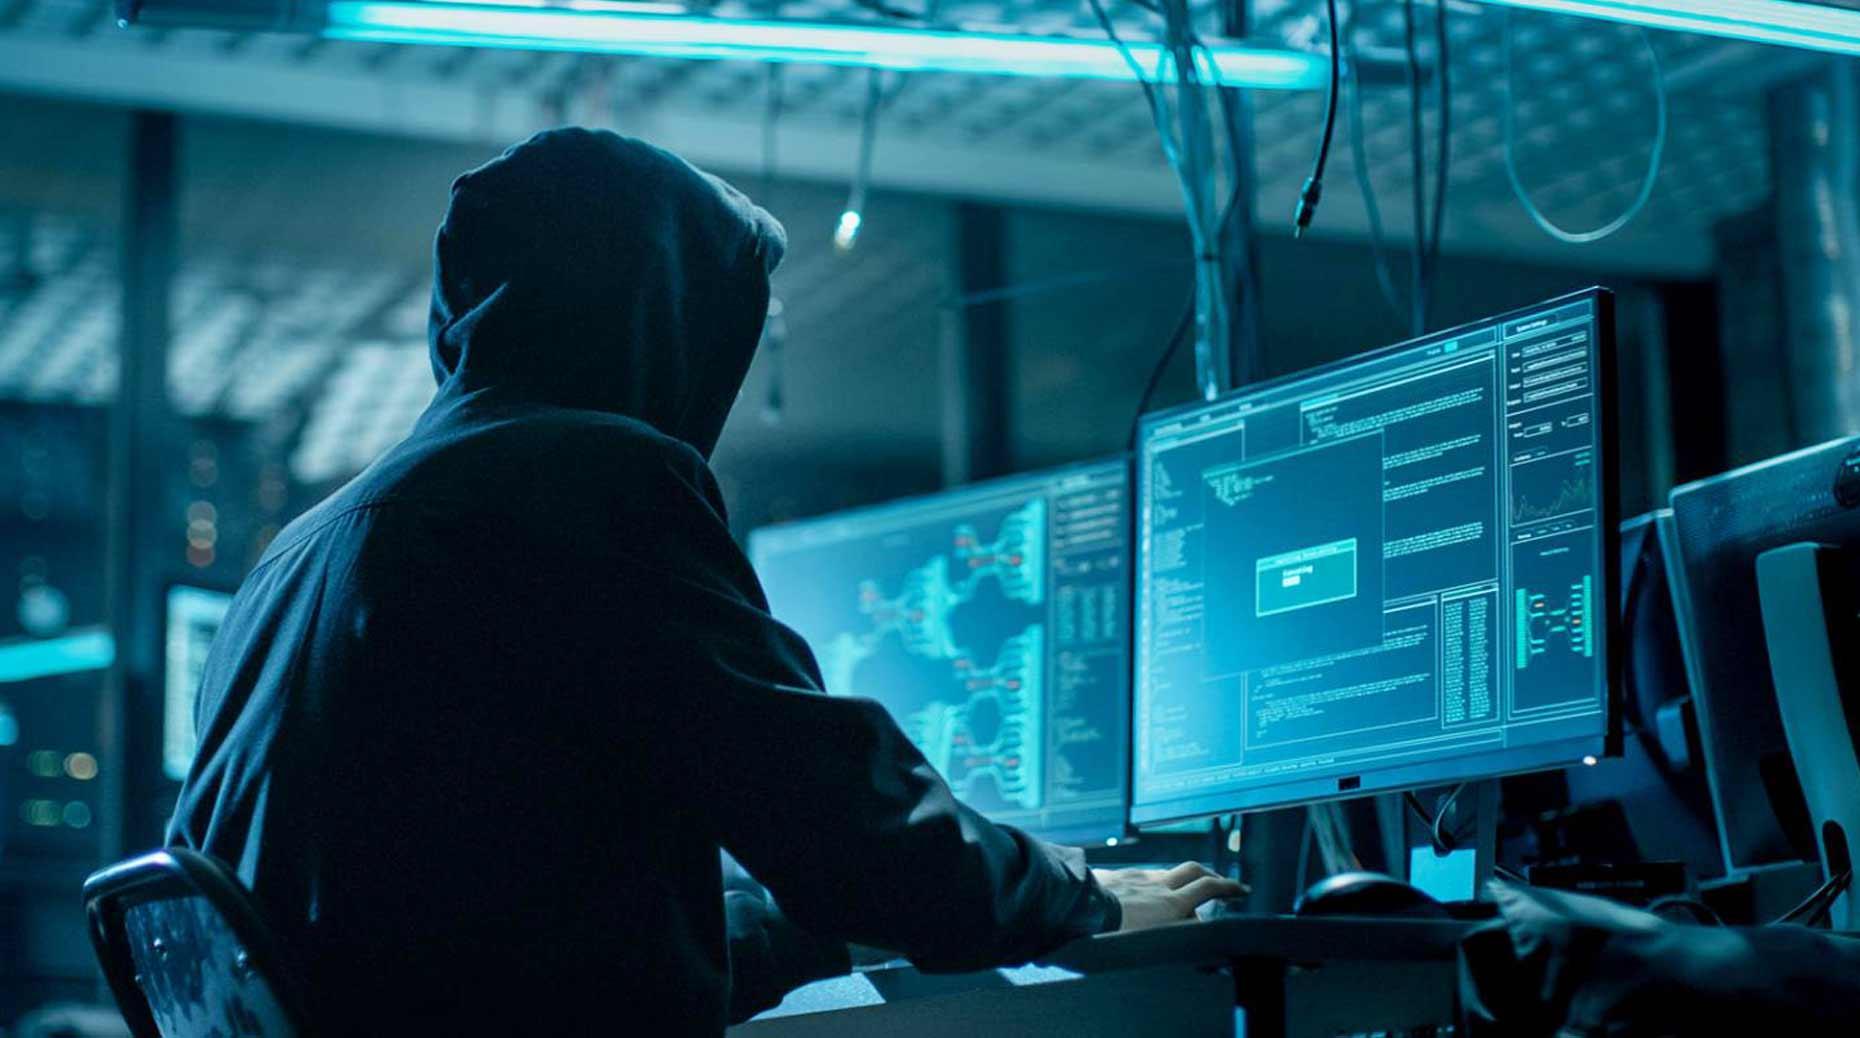 Grands risques: Le cyber en tête des préoccupations des entreprises